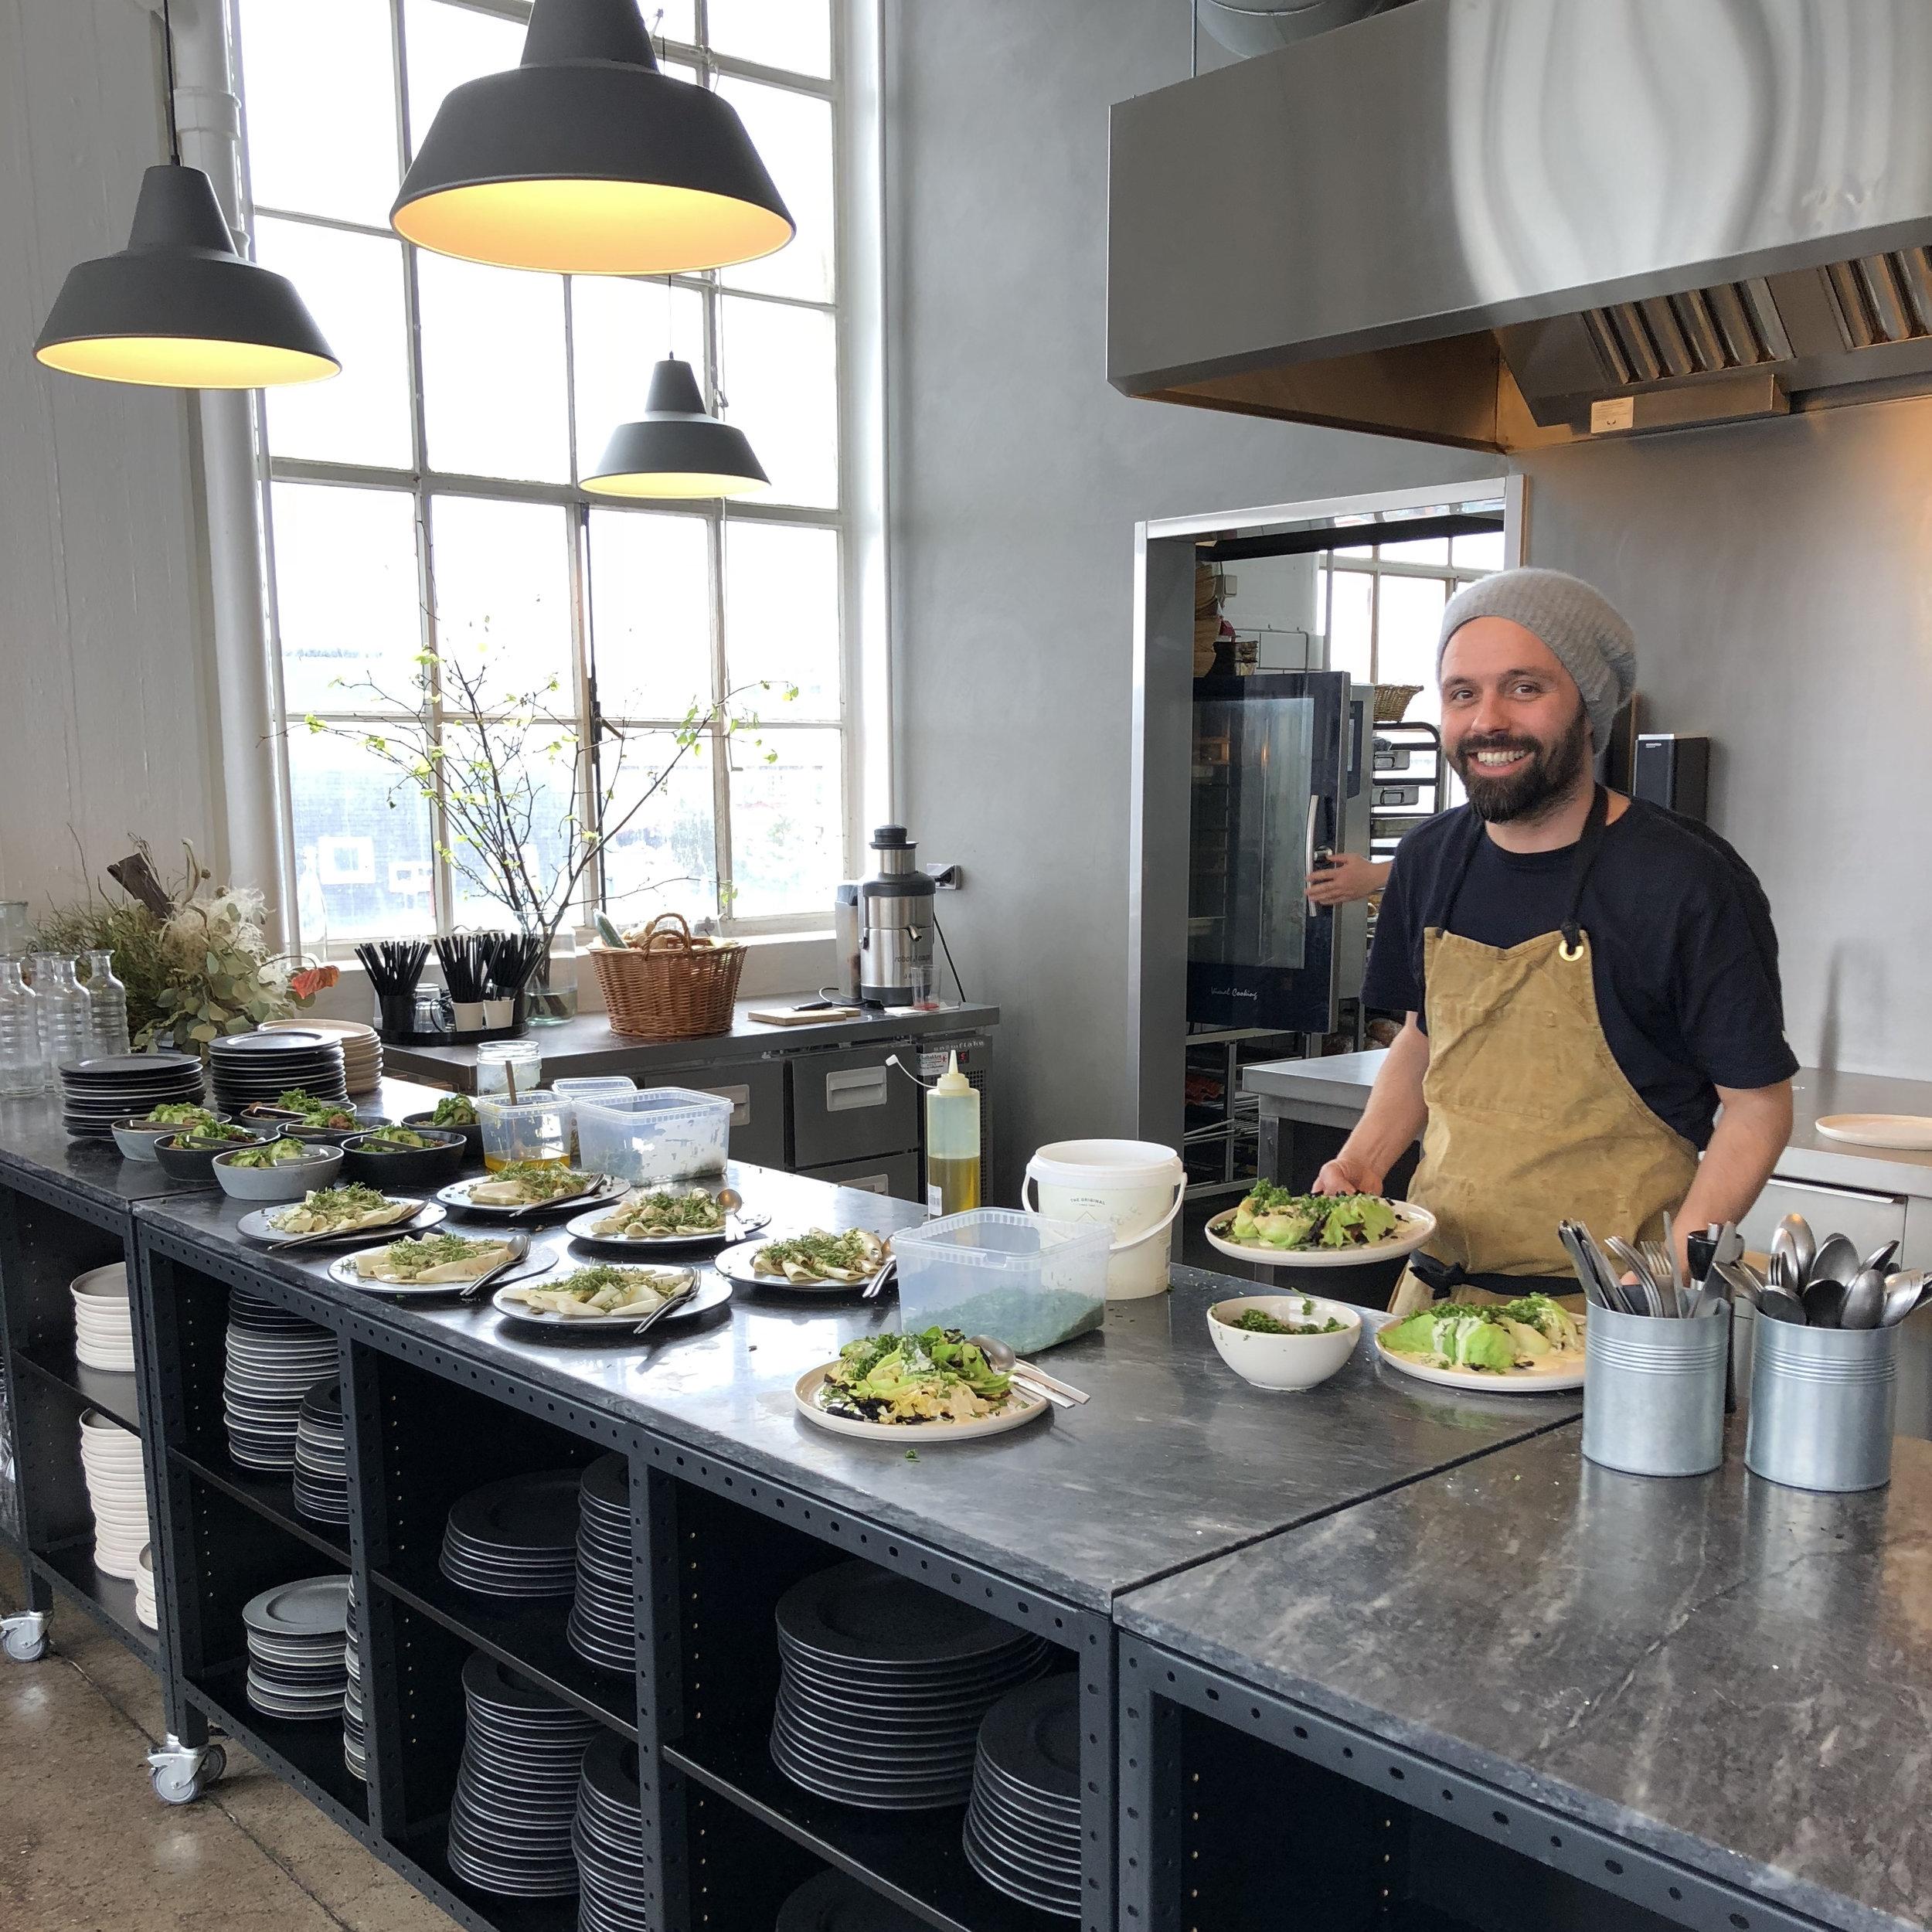 Prøv vores yderst populære og velsmagende kokkeskole, og få gode råd og tips af professionelle kokke. -